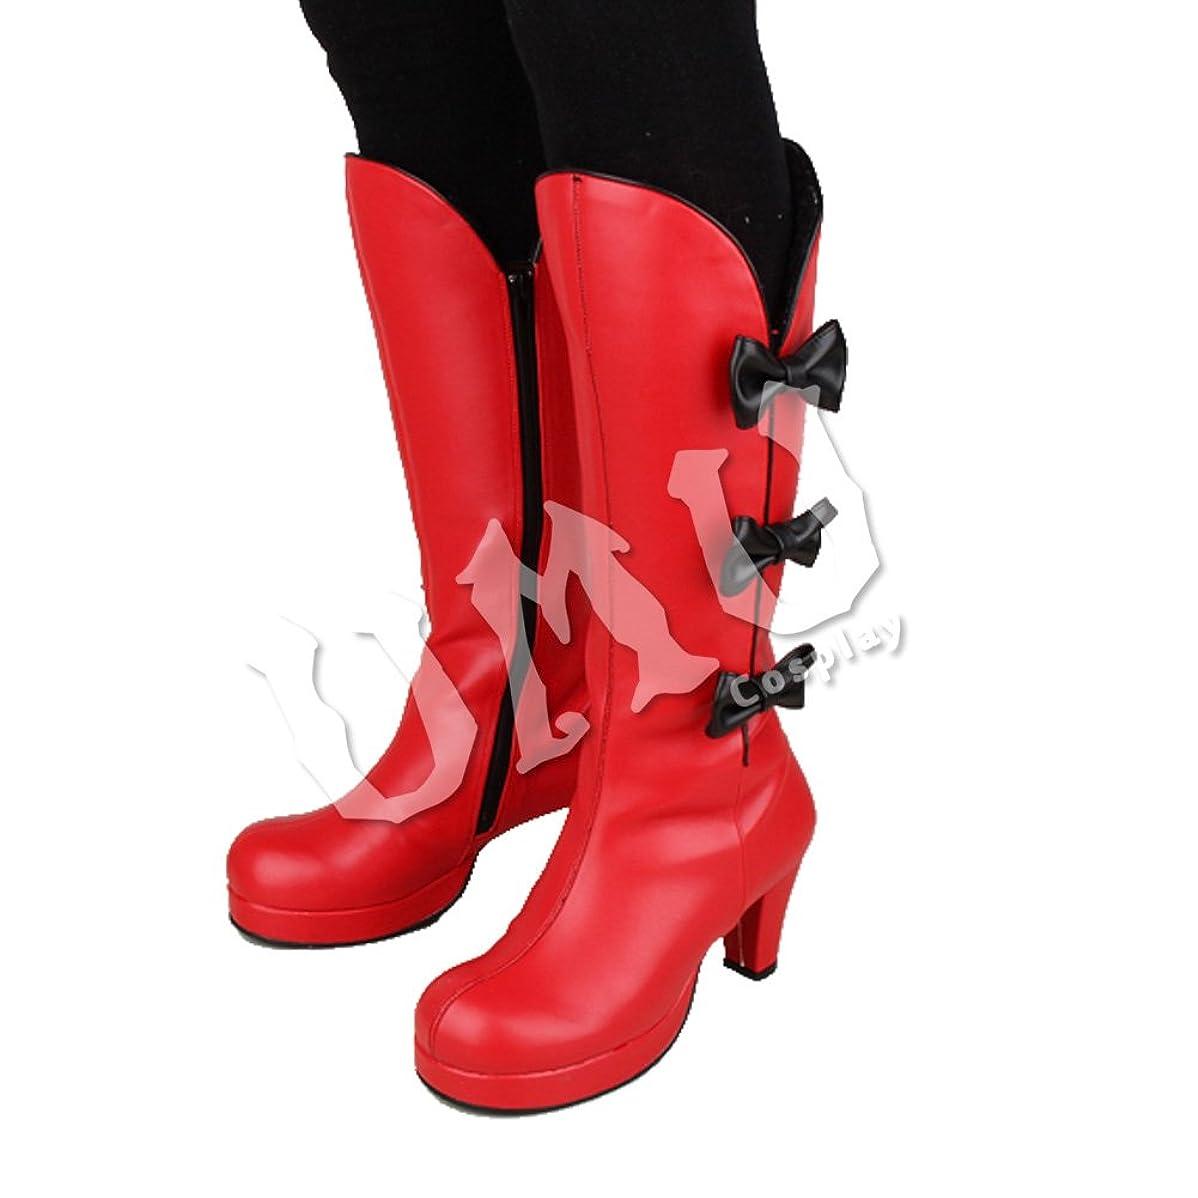 気になるスタック読みやすい【UMU】 足22cm LOLITA ロリータ 赤 黒 中華 チャイナ 風 靴 オーダーメイド(ヒール高、材質、靴色は変更可能!)